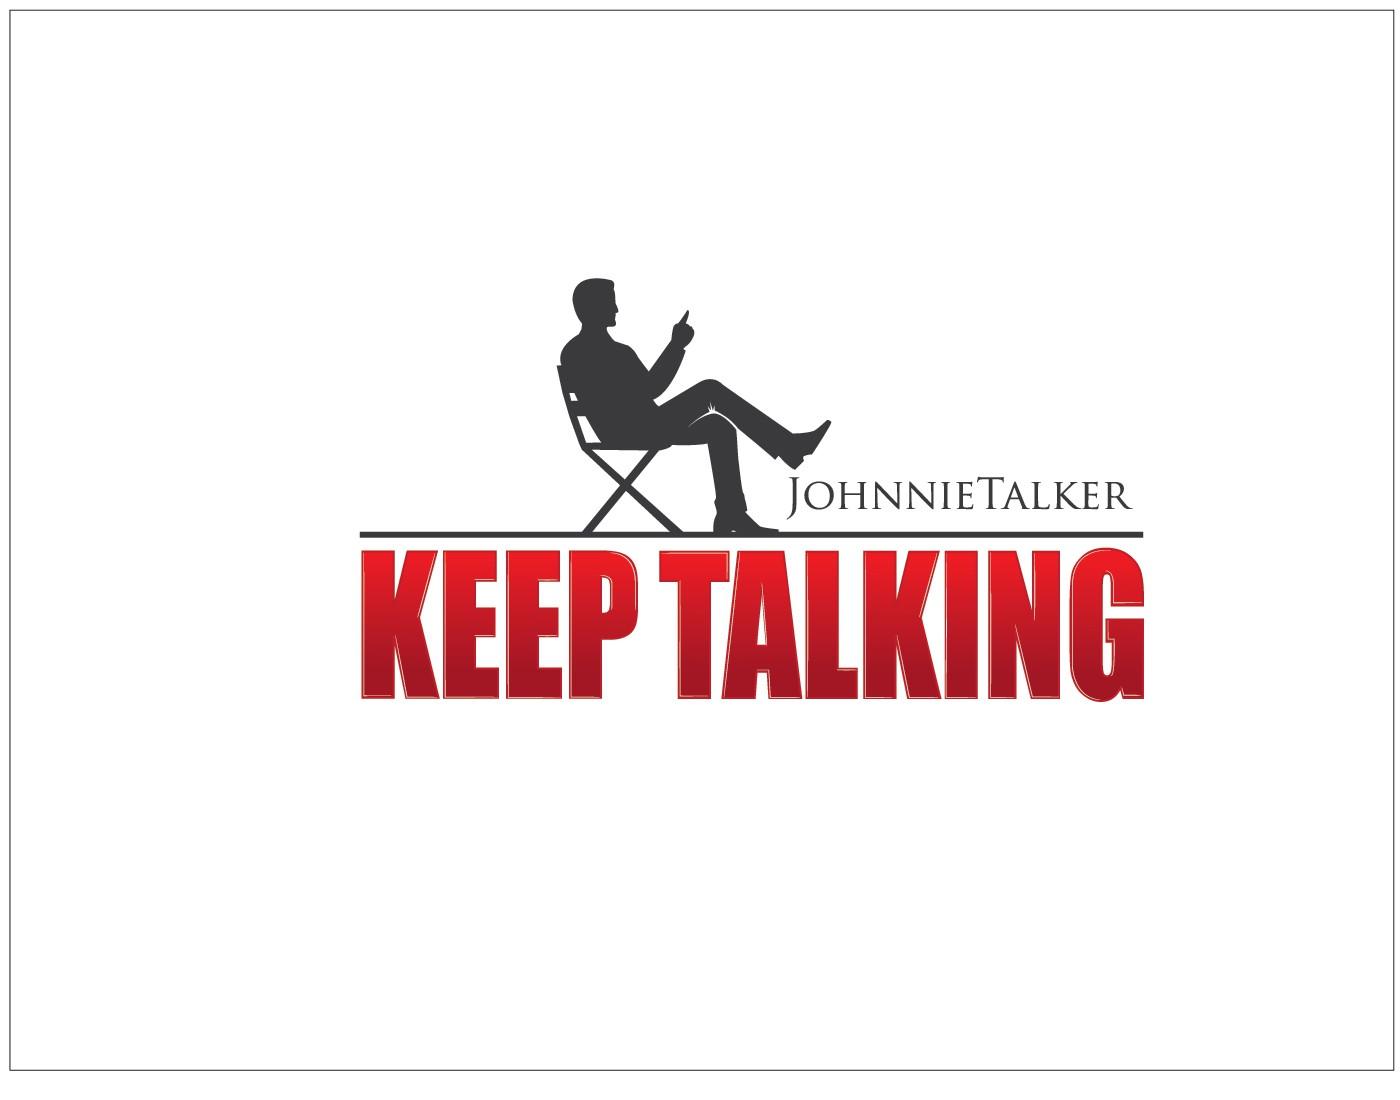 JohnnieTalker needs a new logo